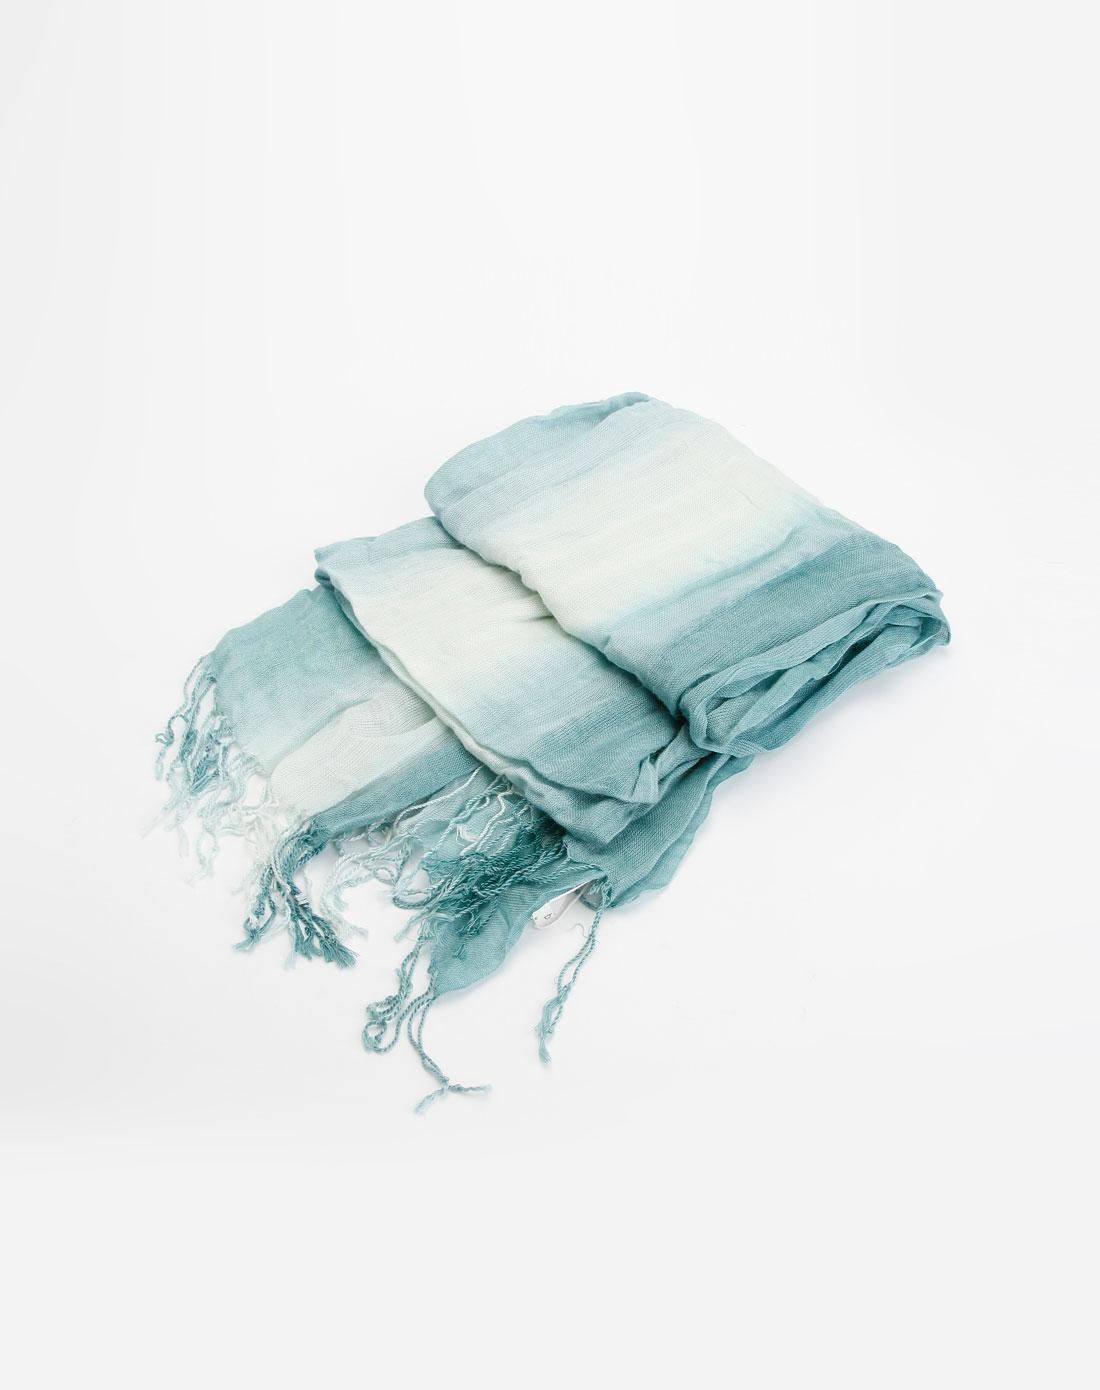 浅蓝/米色休闲围巾